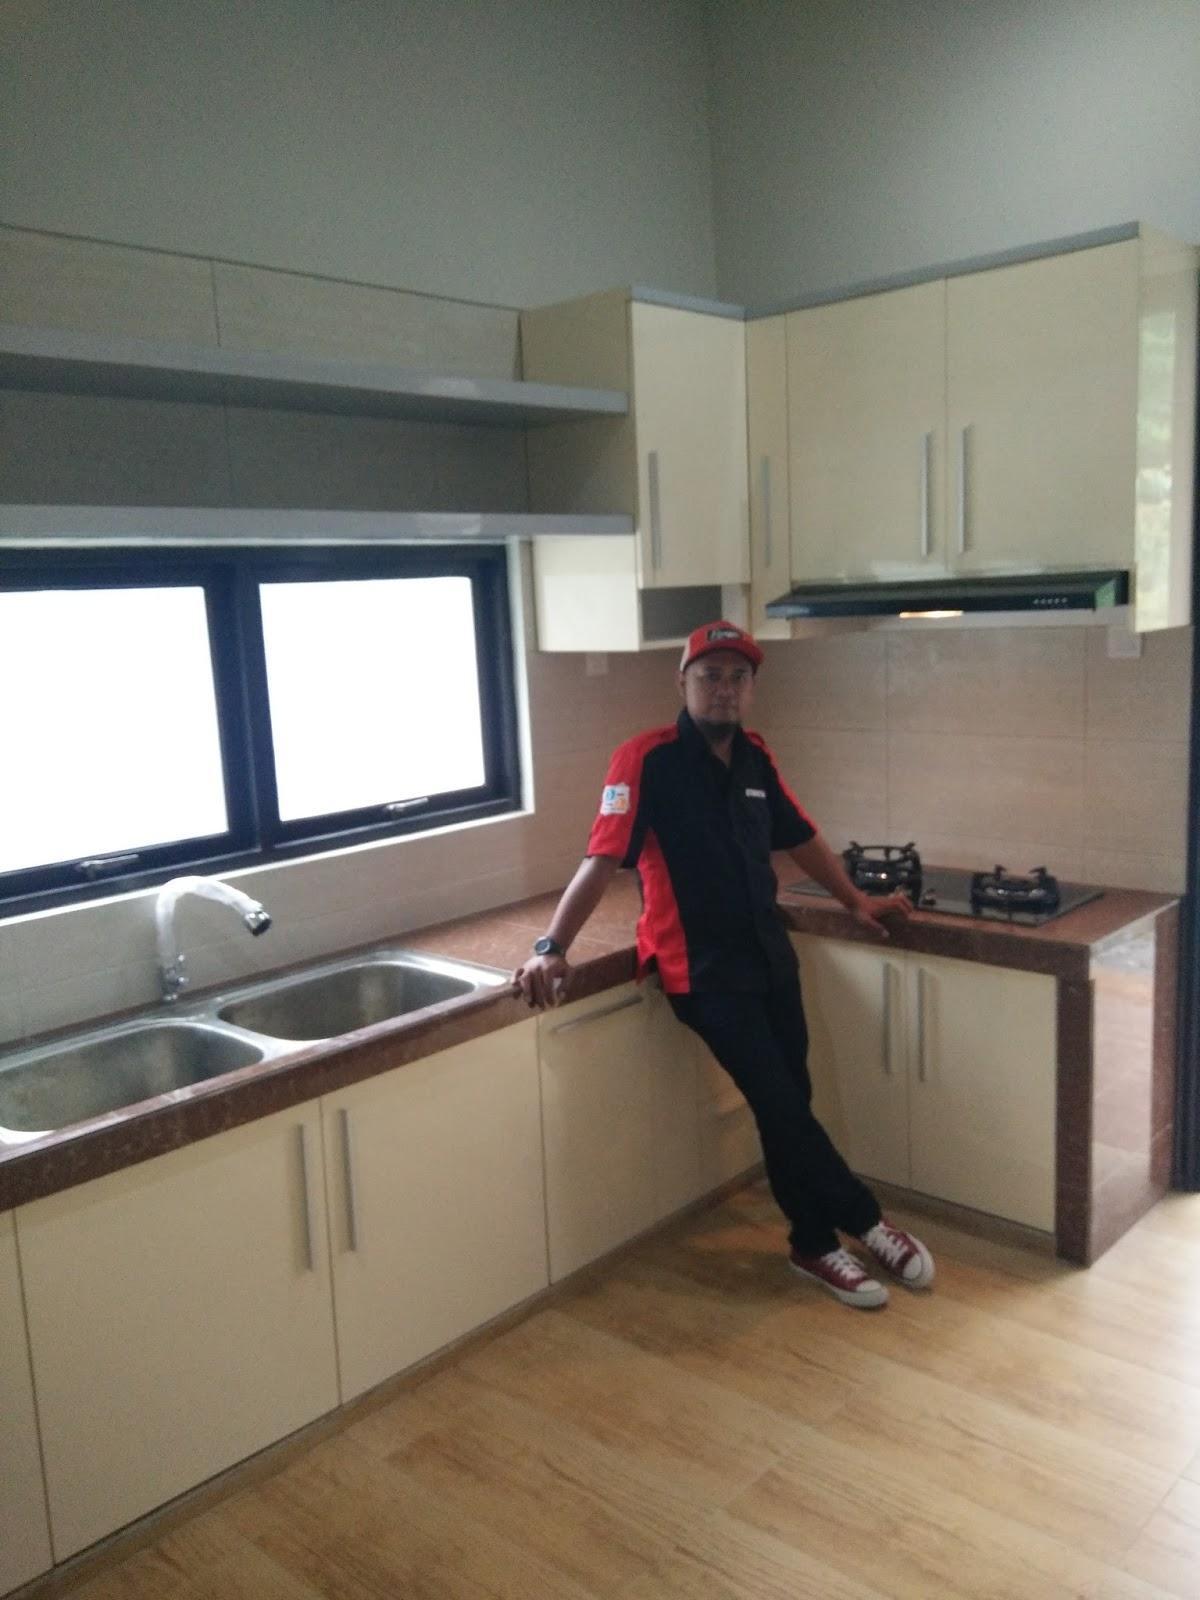 Jogjasukoharjodelanggukaranganyartukang bikin kitchen set di solotoko kitchen set di solosukoharjodelanggukaranganyarkitchen set modern